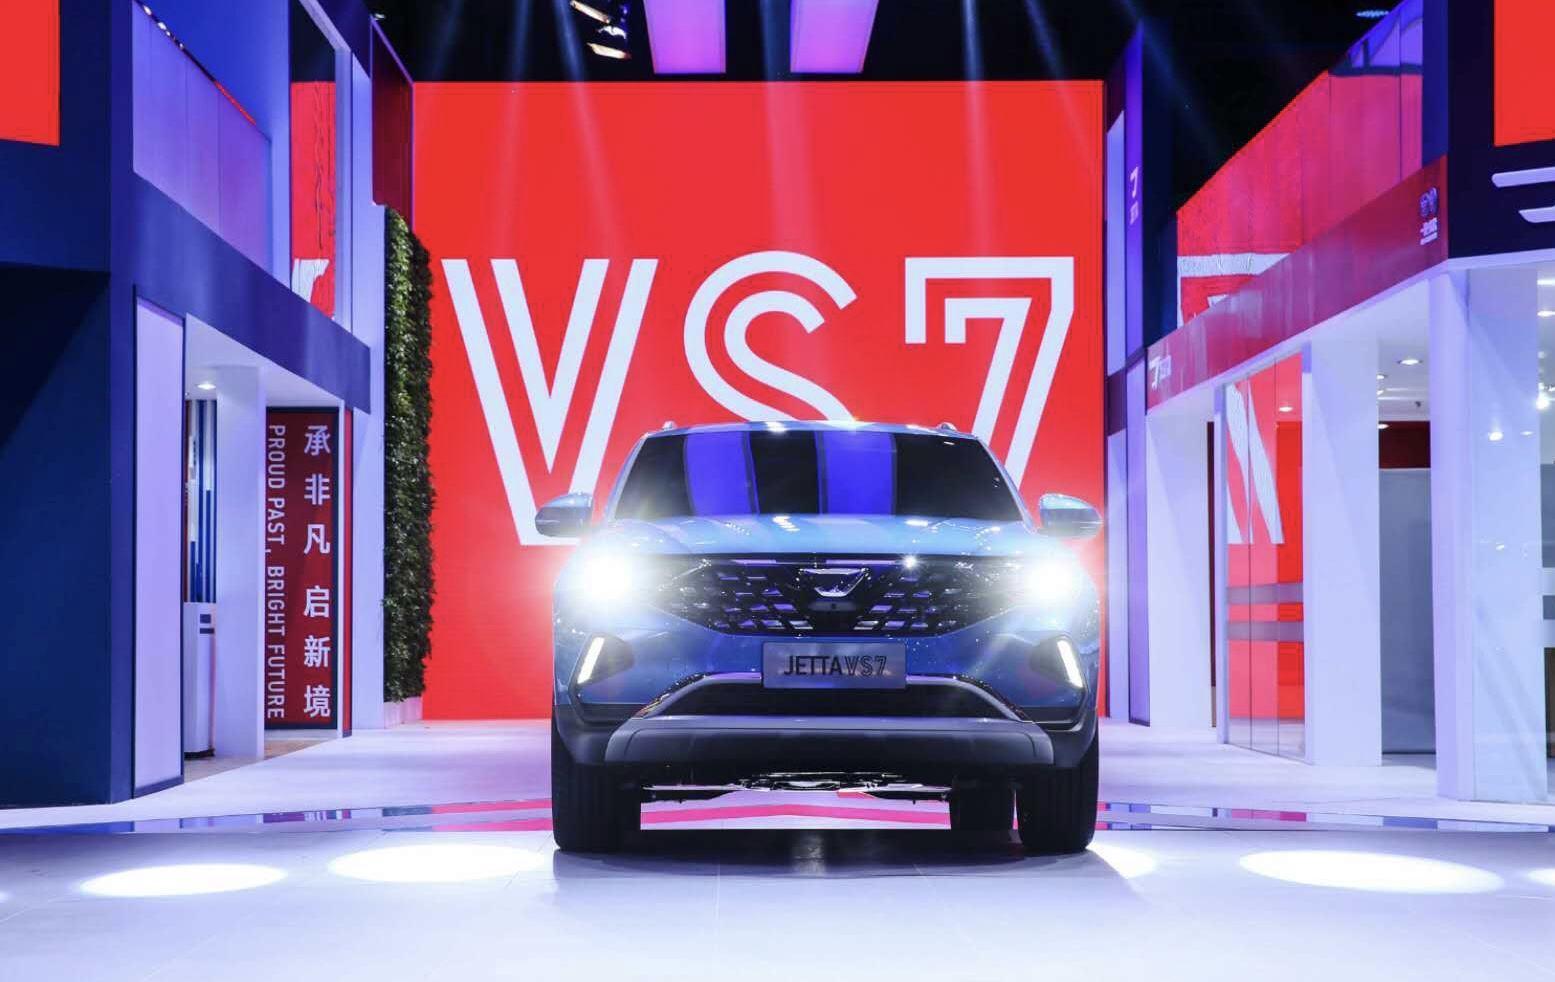 捷達VS7,一款飽受質疑,卻又不能忘卻的一款車